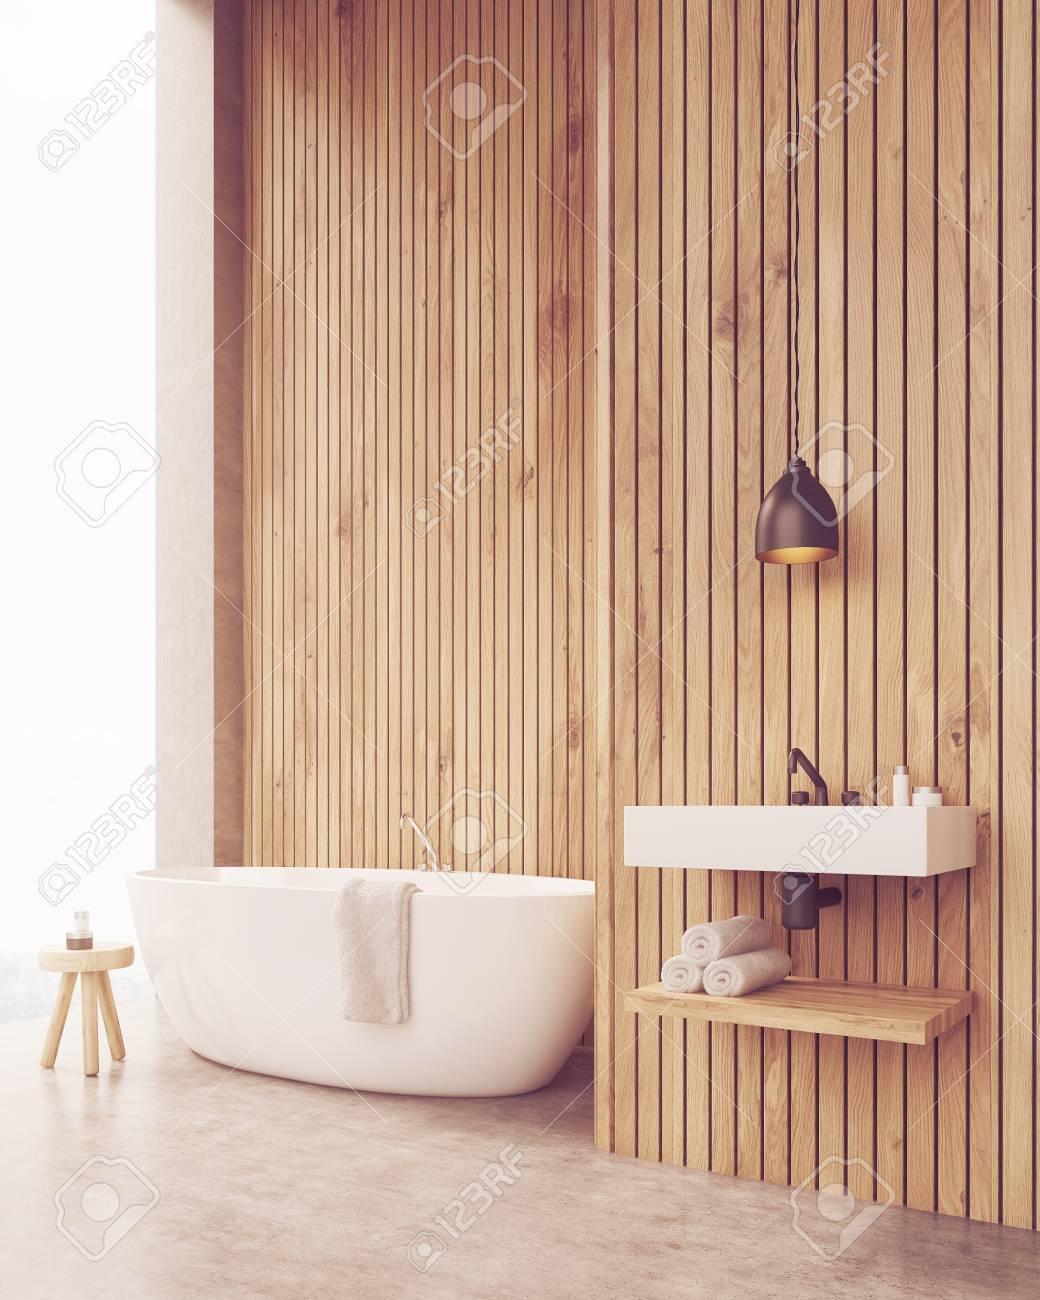 Seitenansicht Der Sonnendurchfluteten Badezimmer Mit Waschbecken Und